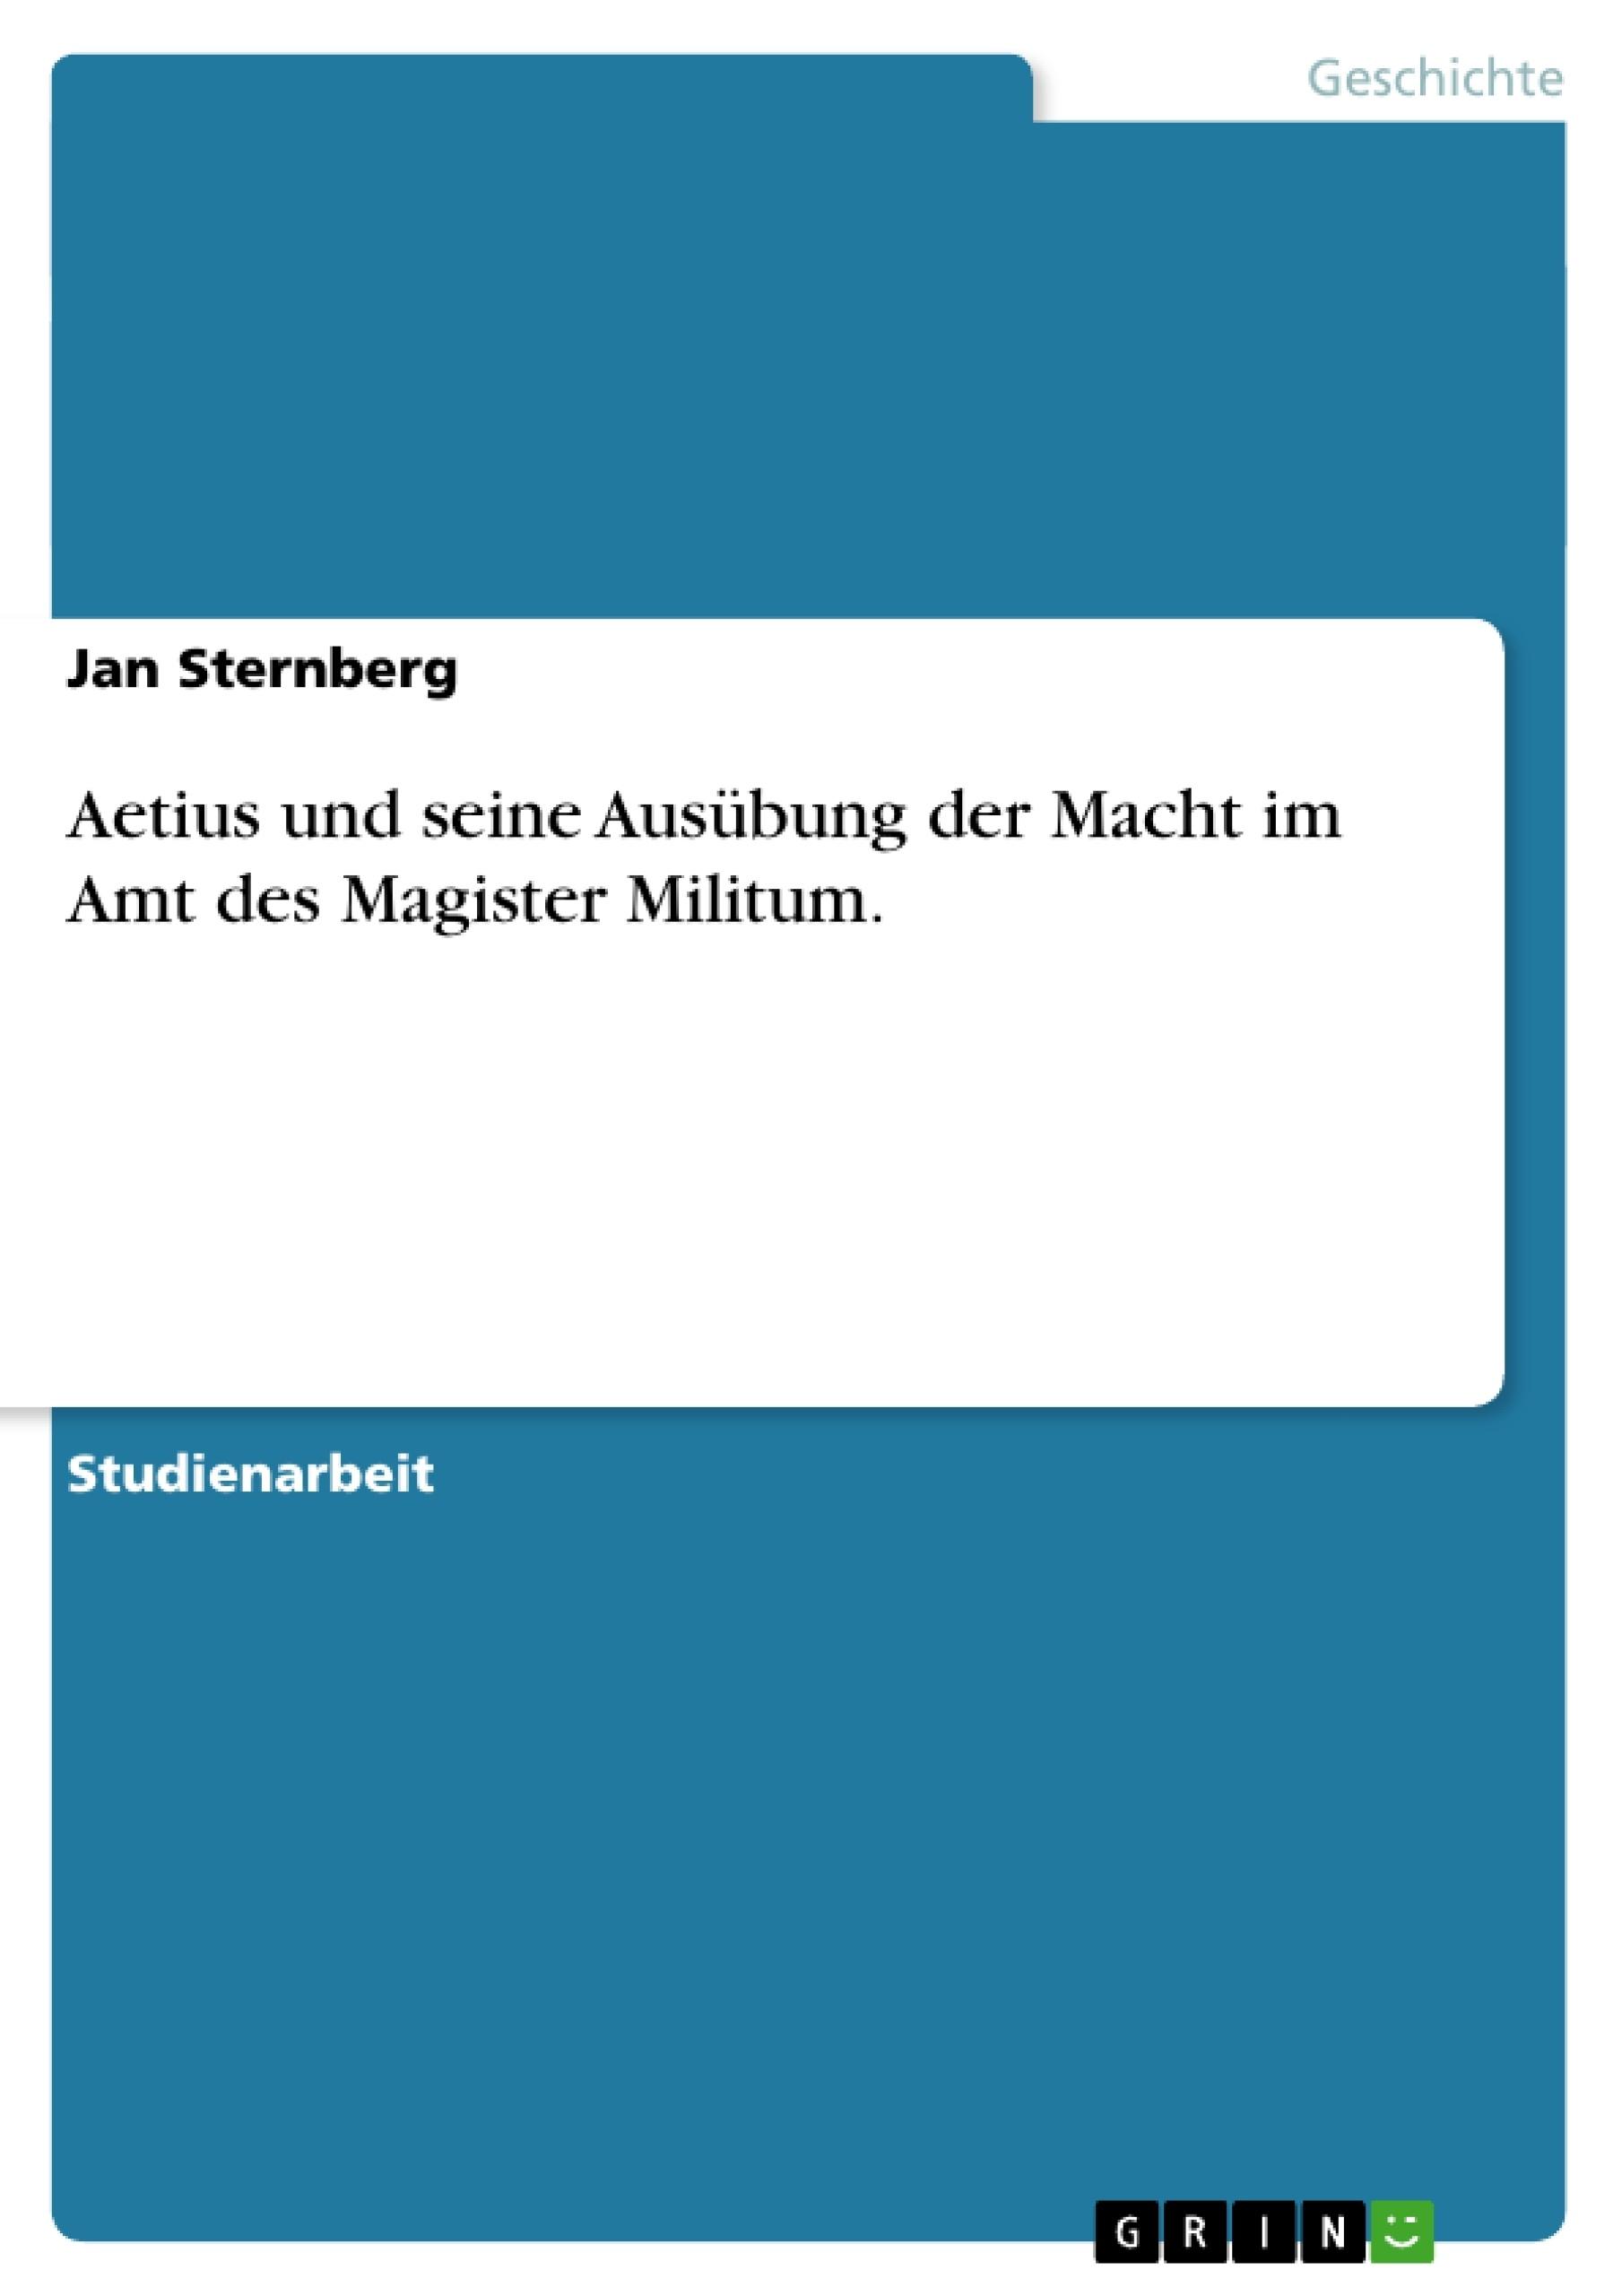 Titel: Aetius und seine Ausübung der Macht im Amt des Magister Militum.